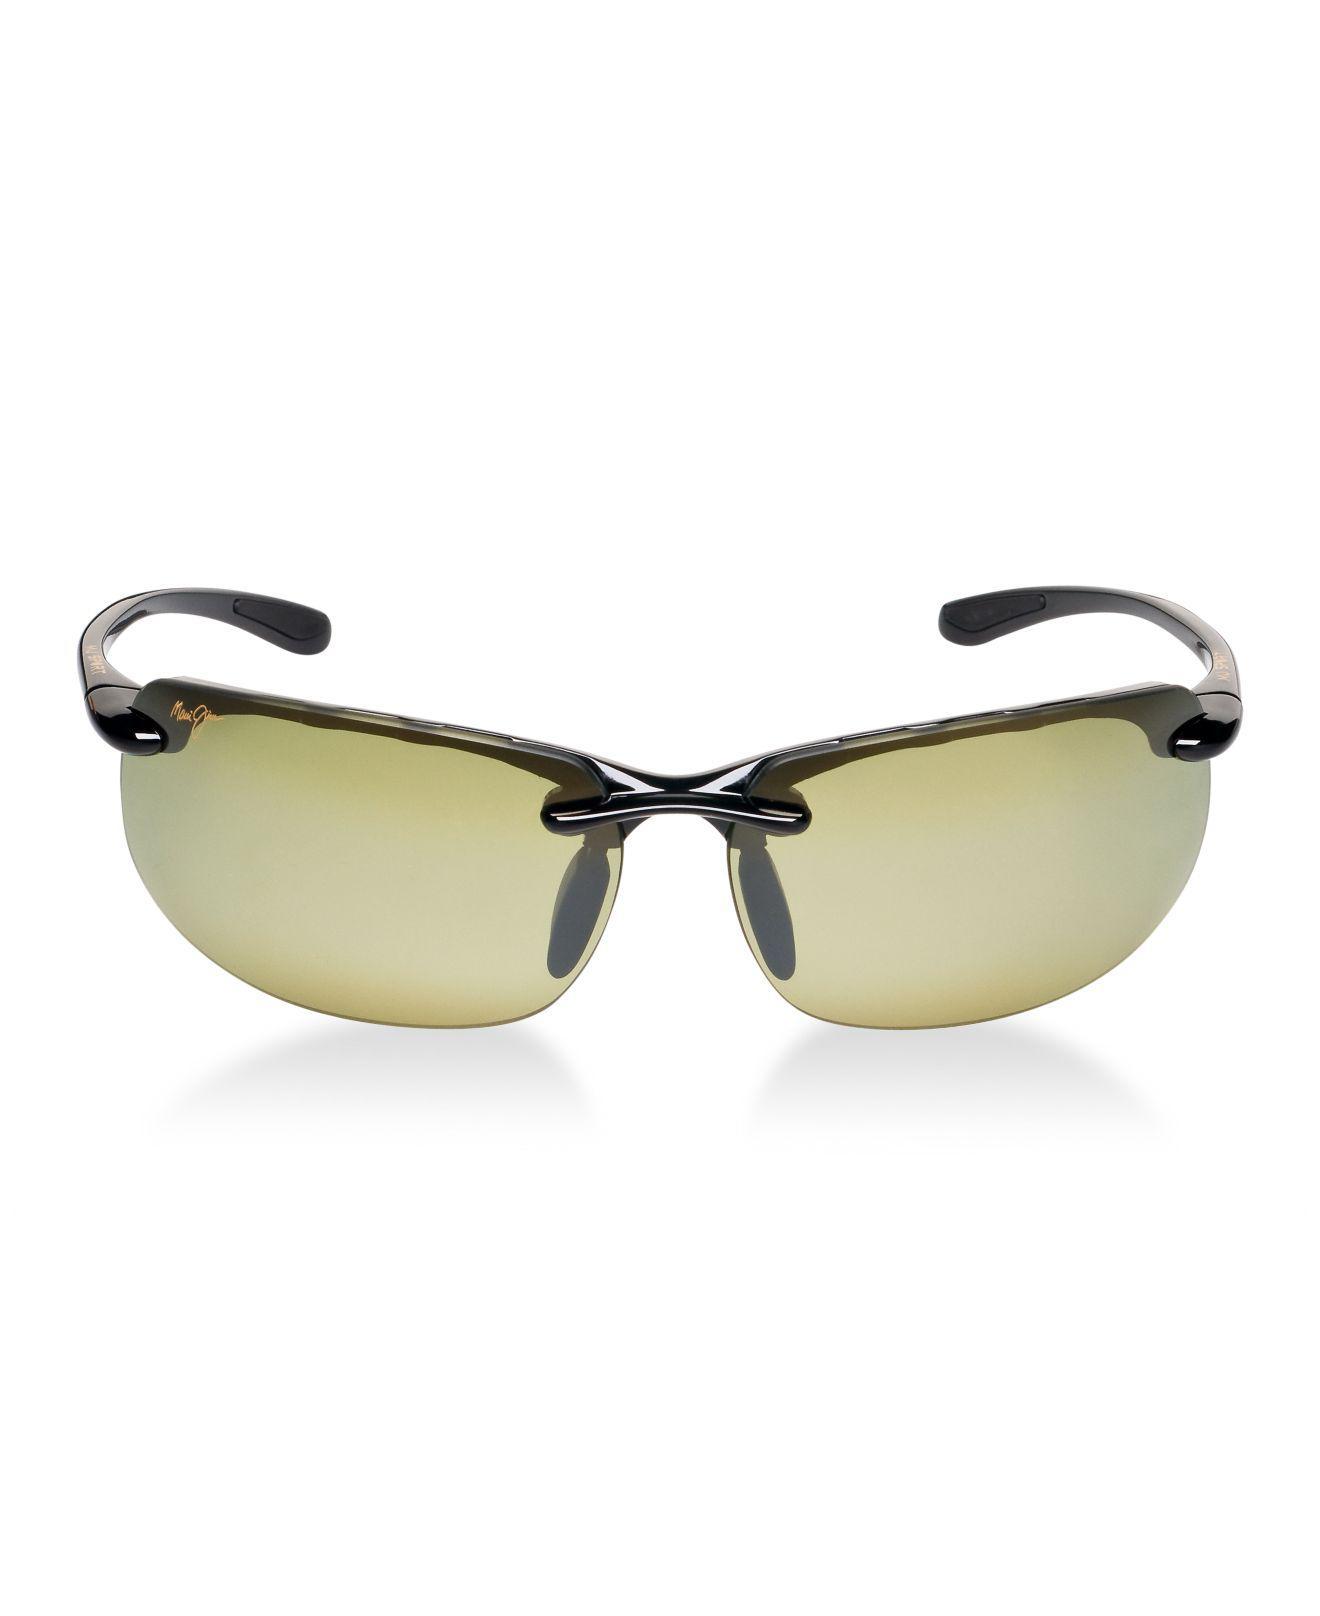 6018f031c5 Lyst - Maui Jim Sunglasses, 412 Banyans in Black